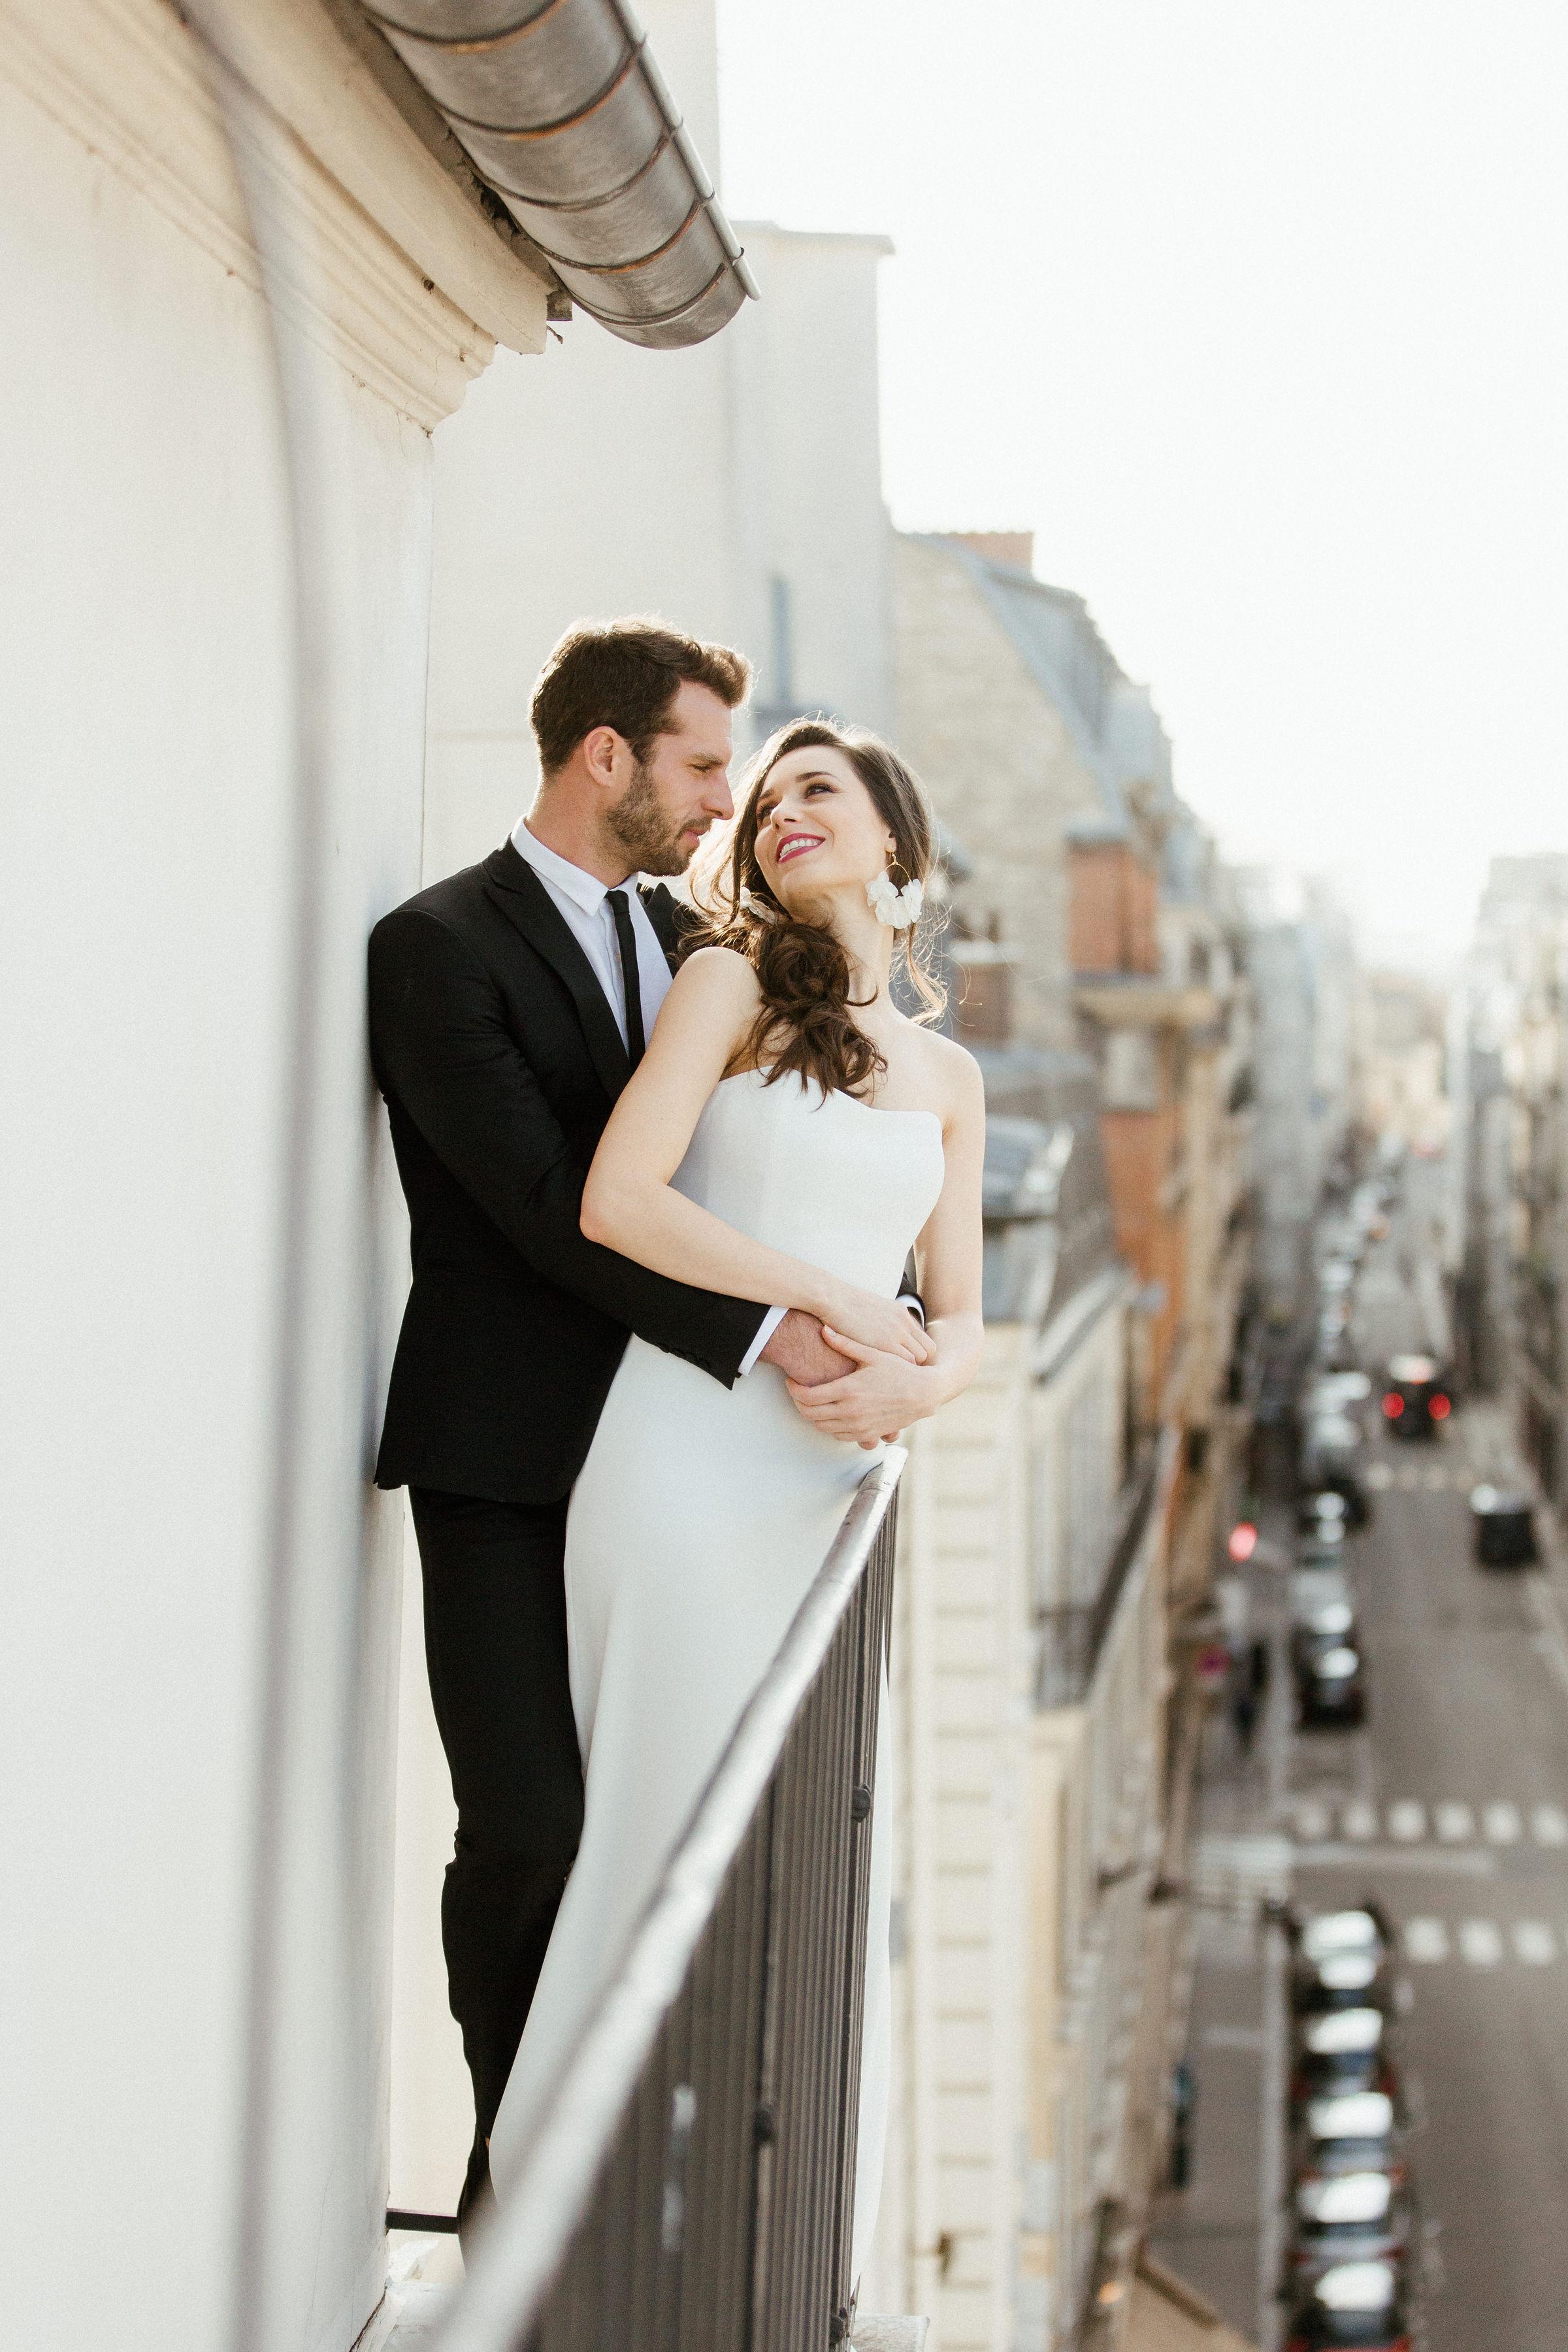 ElodieWinter_Brindle&Oak_Paris_StyledShoot-20.jpg